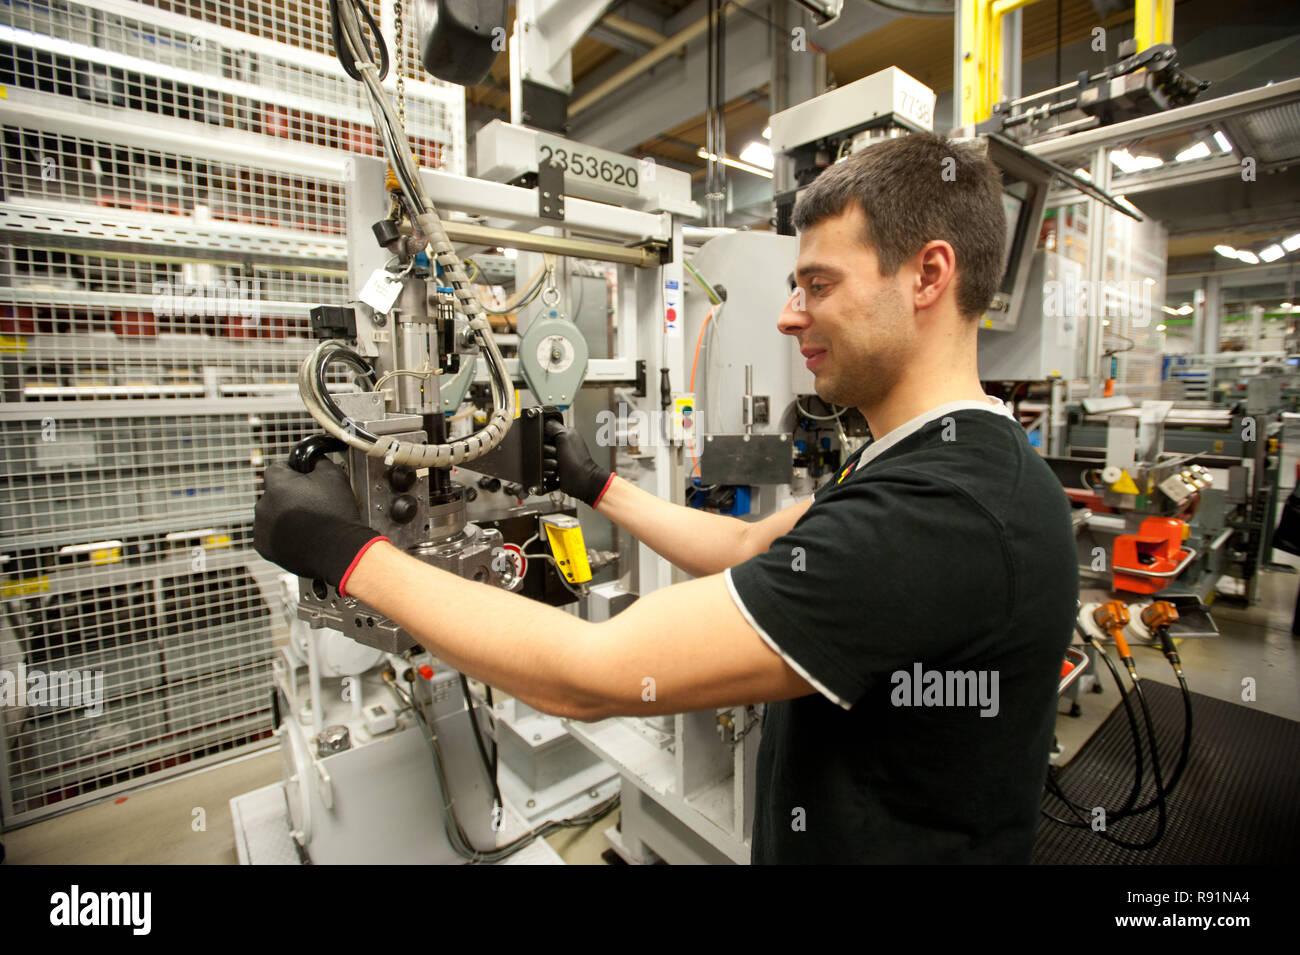 18.11.2010, Neumünster, Schleswig-Holstein, Deutschland - Firma Sauer-Danfoss Sterben in Neumünster stellt ein neues Konzept für die Personalplanung mit Ae Stockbild